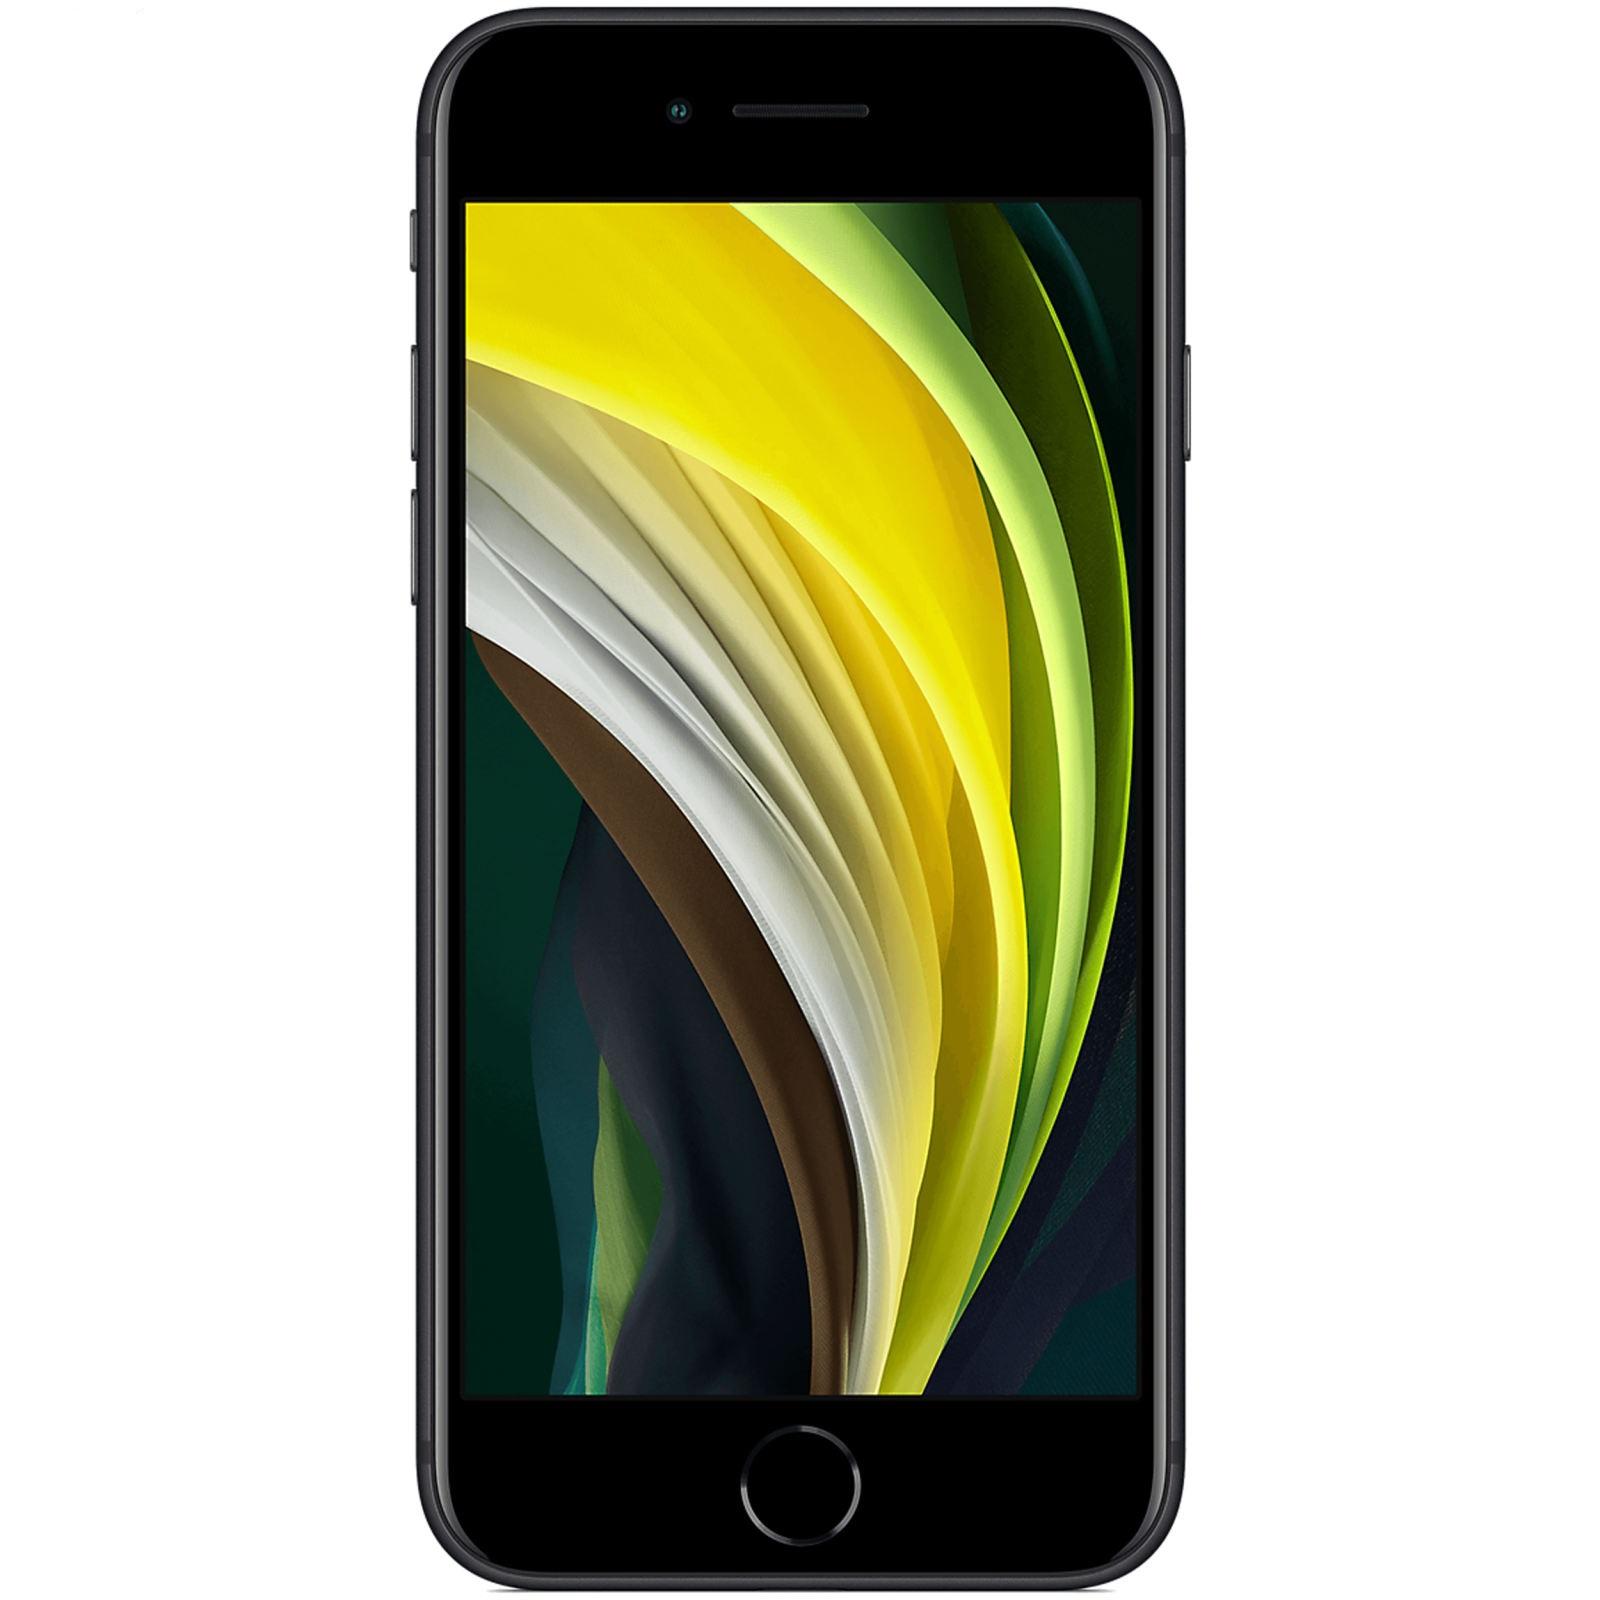 گوشی موبایل اپل مدل iPhone SE 2020 A2275- ظرفیت 128 گیگابایت